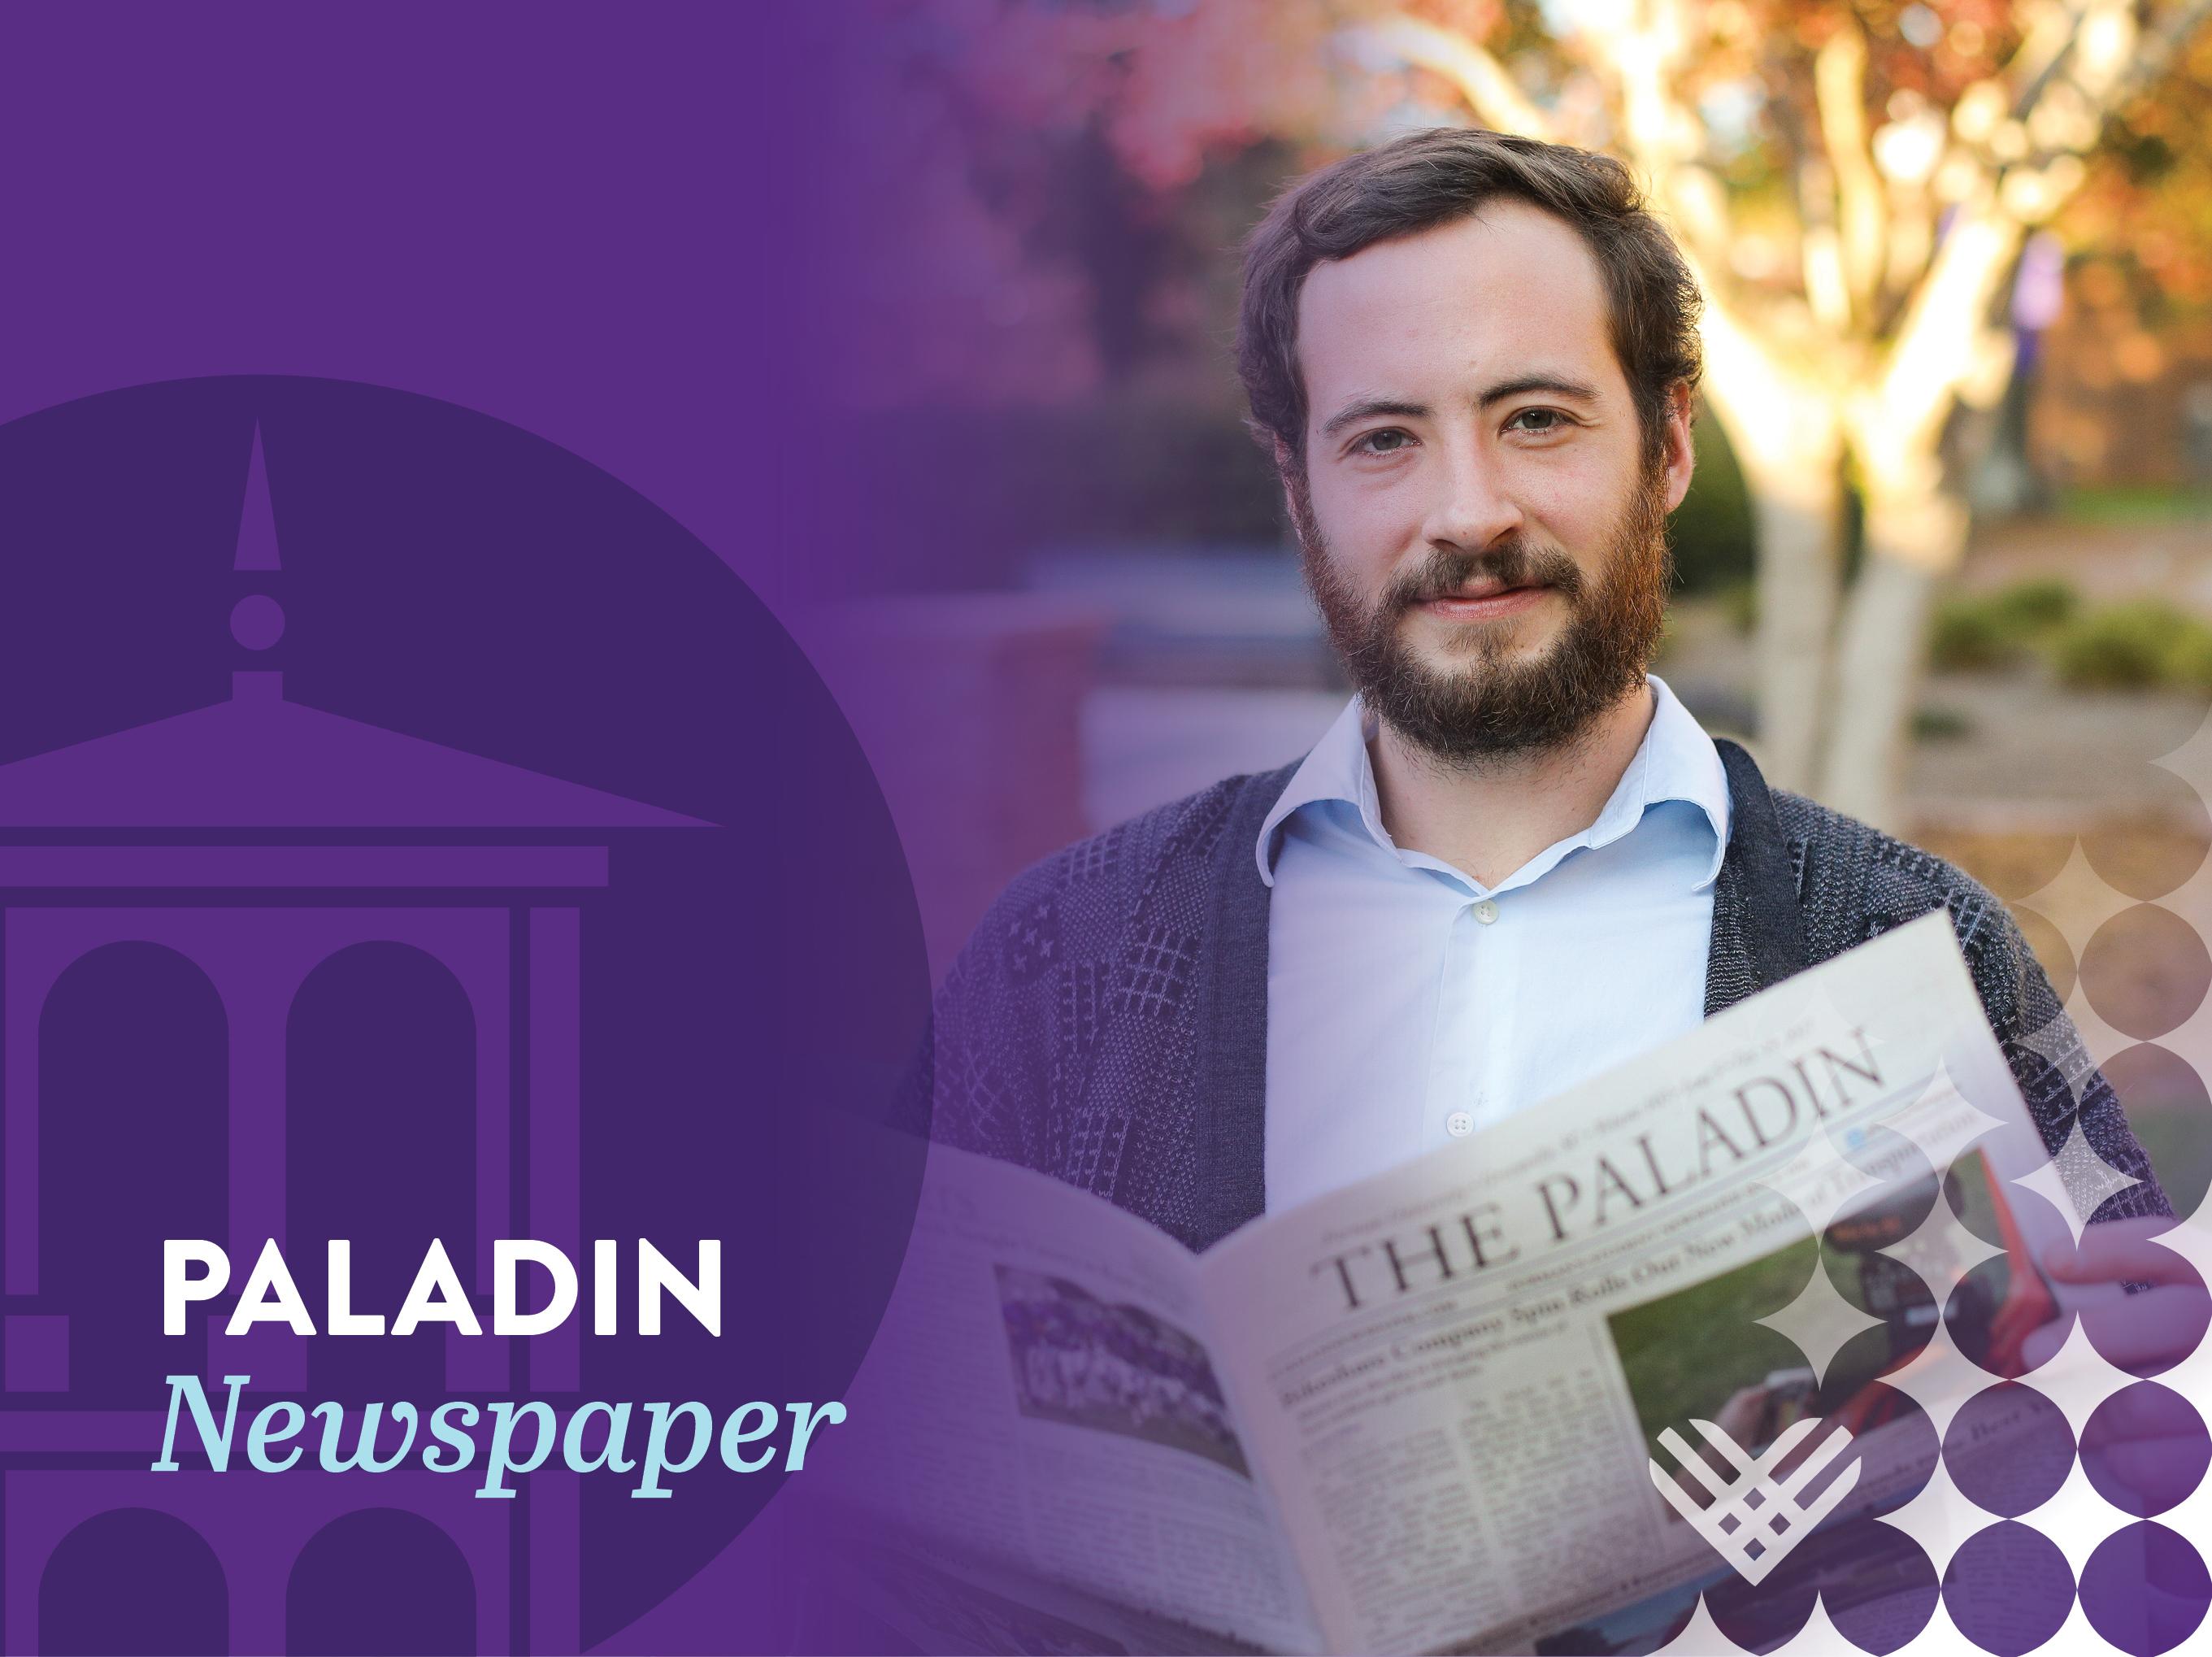 Dev20 21 giving tuesday slider images paladin newspaper